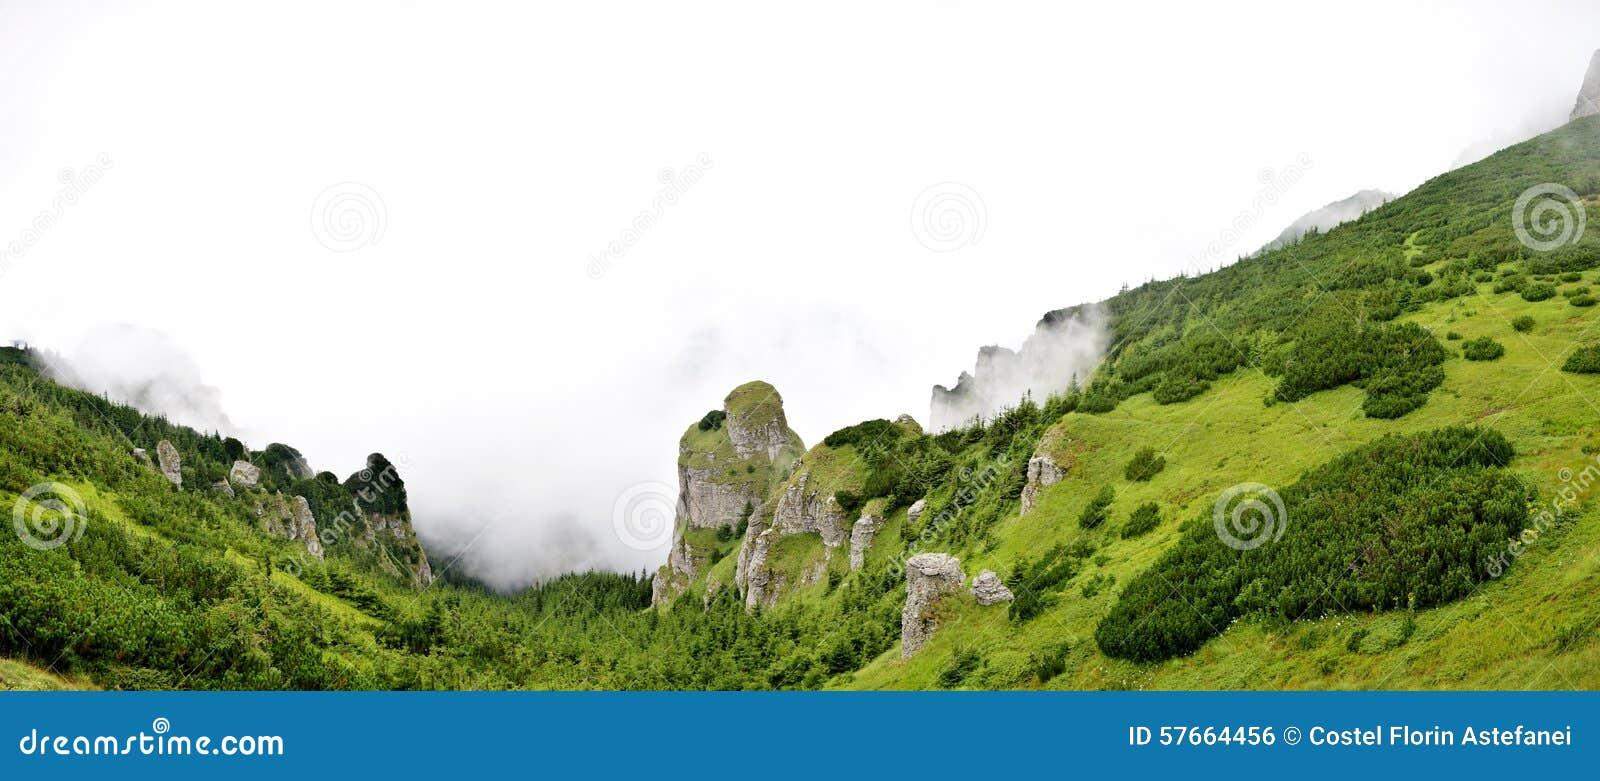 Panorama widok od ceahlau montains